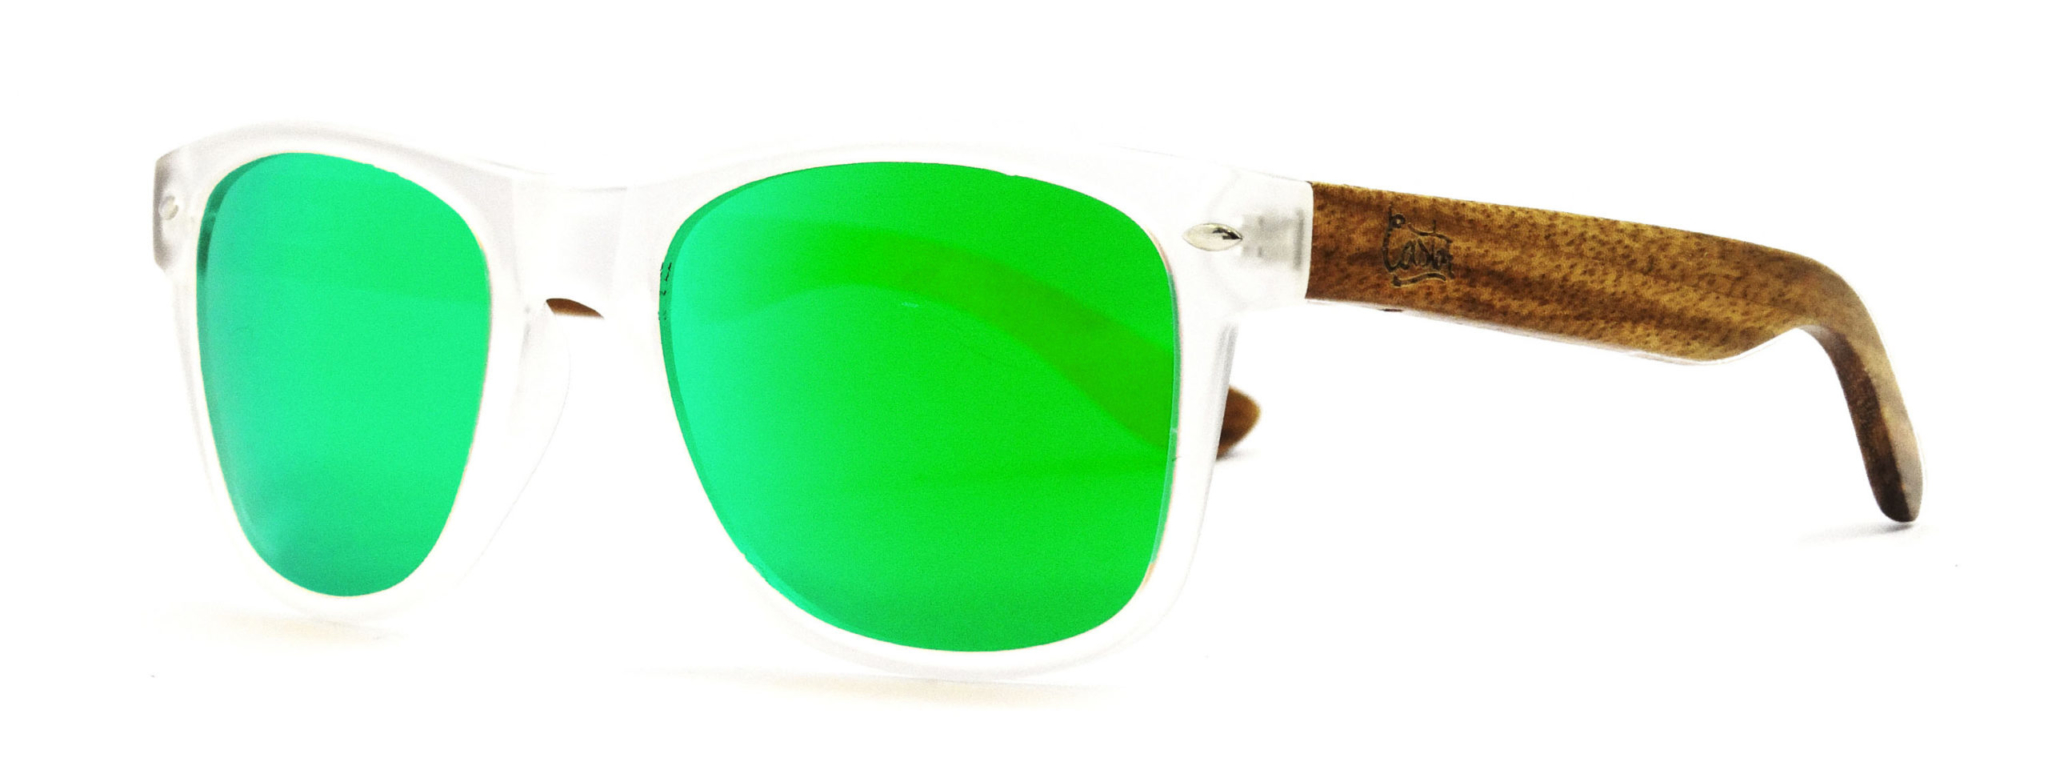 2cd63ea1-91b-gafas-de-sol